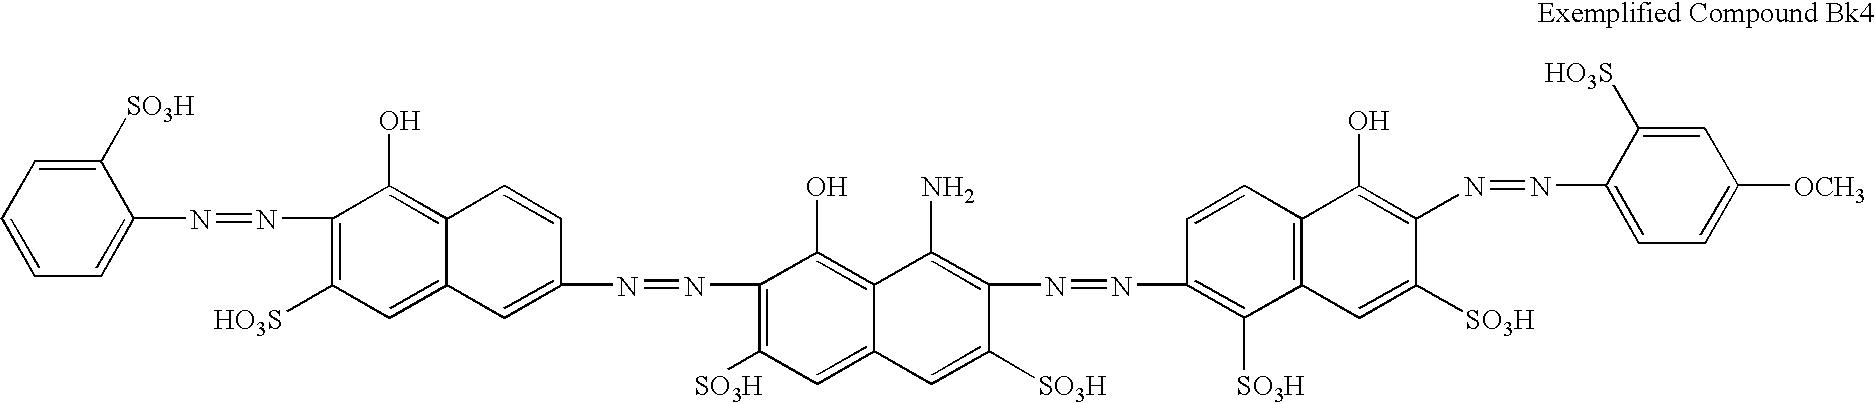 Figure US07594719-20090929-C00033